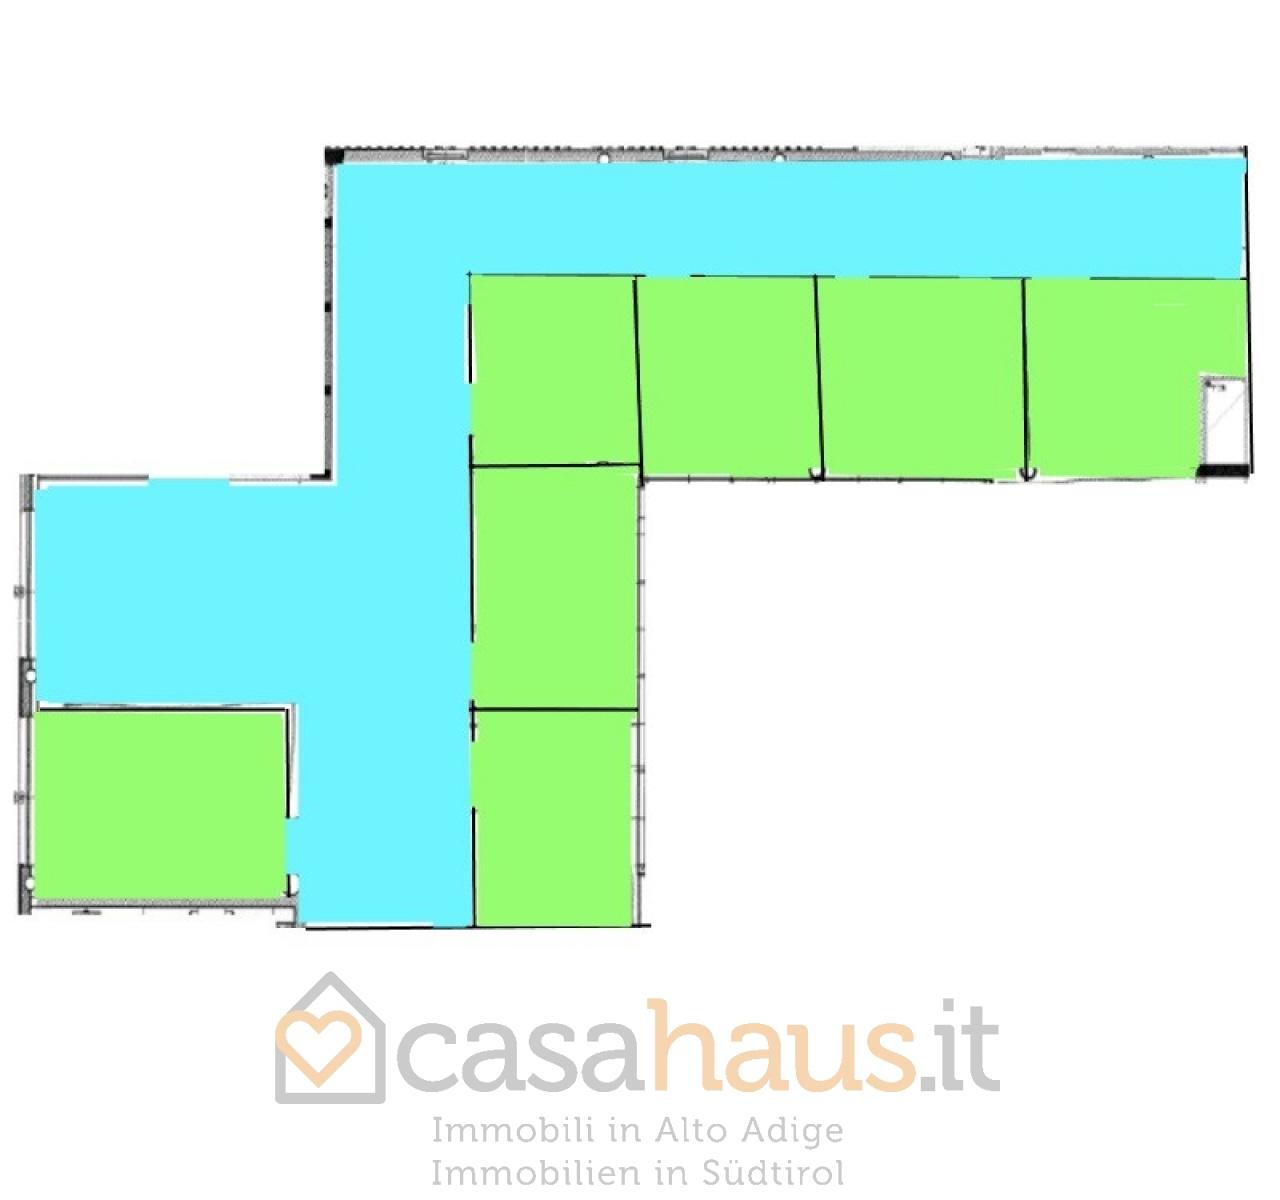 Ufficio / Studio in affitto a Bolzano, 7 locali, Trattative riservate | CambioCasa.it